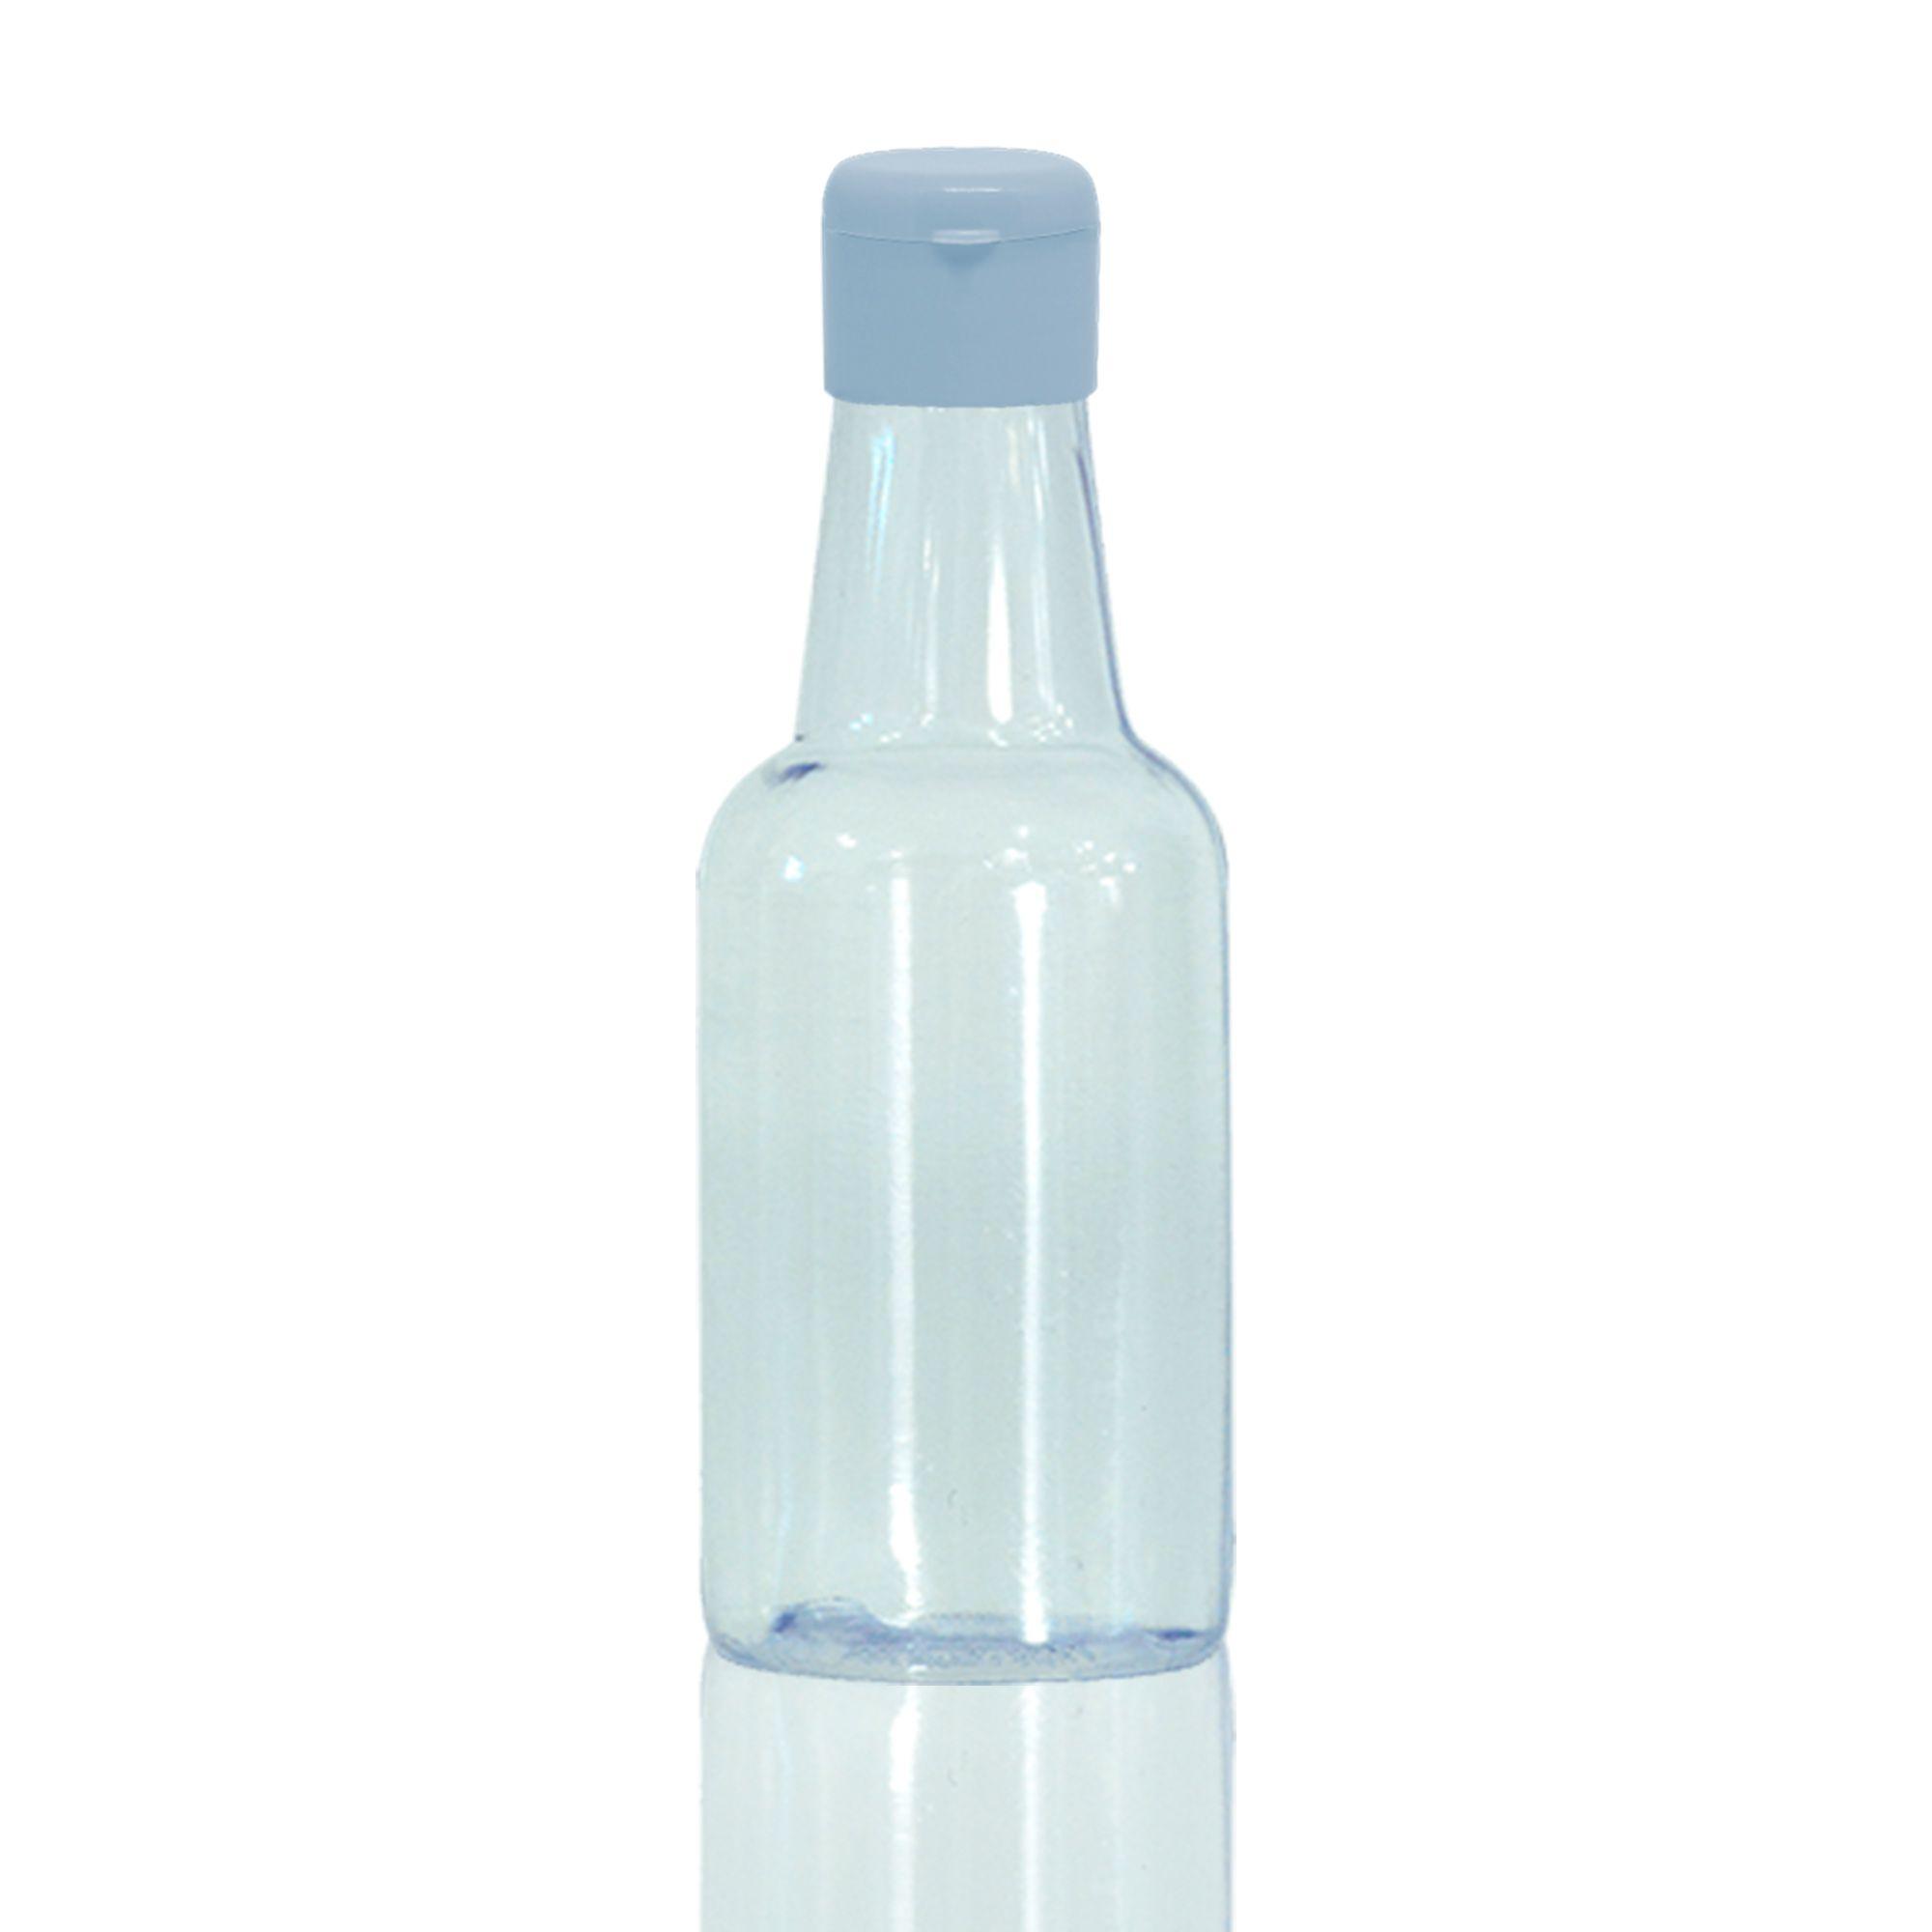 Frasco PVC 50ml Garrafinha C/ Tp. Flip Top